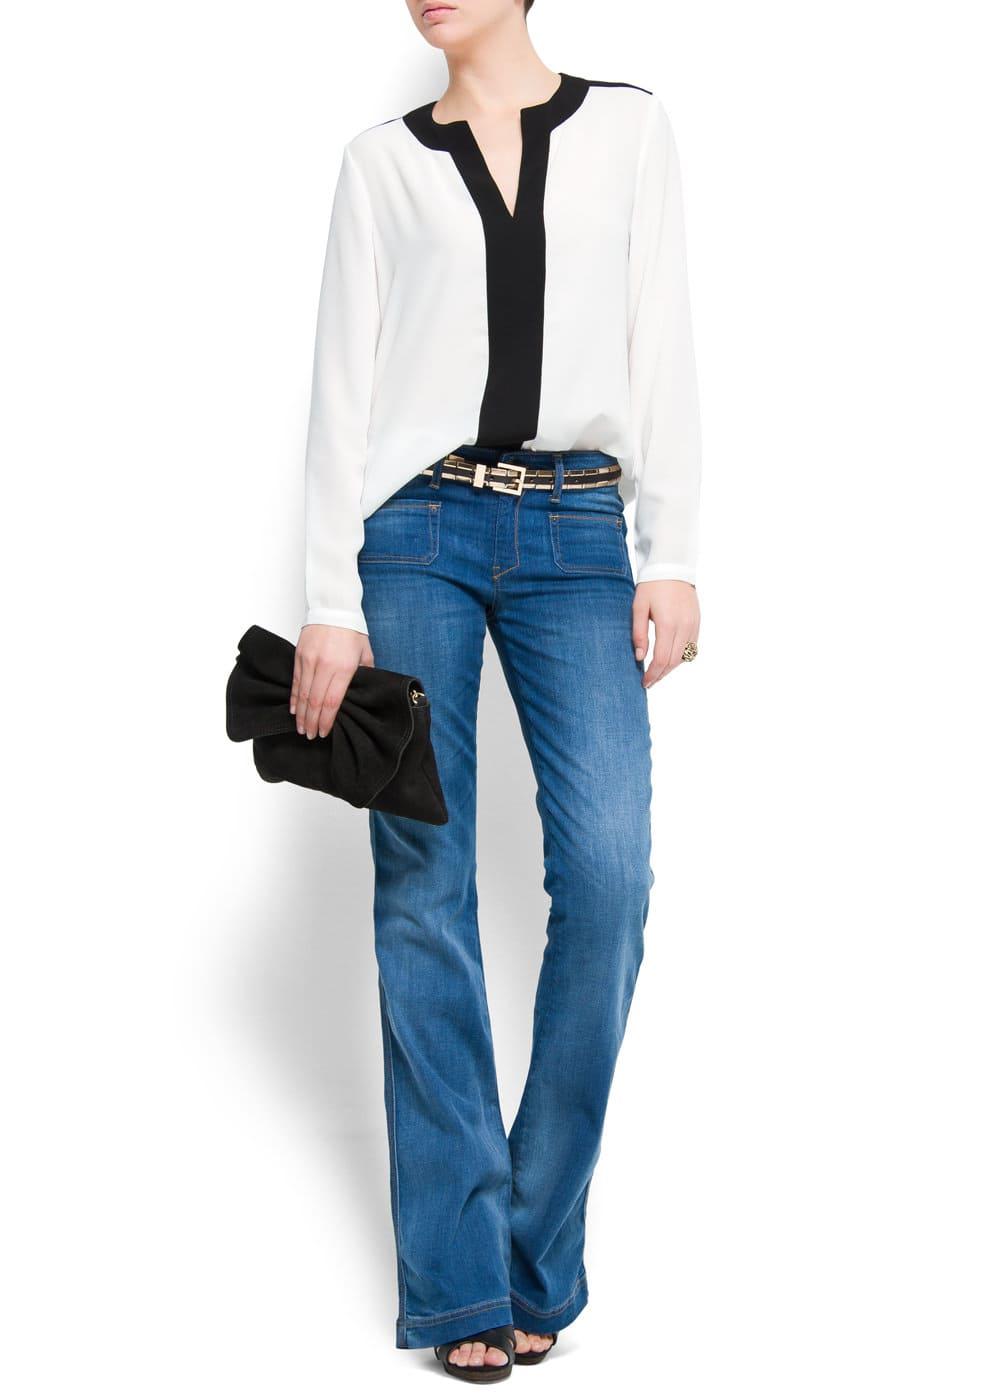 Jeans bolsillo plastrón | MNG